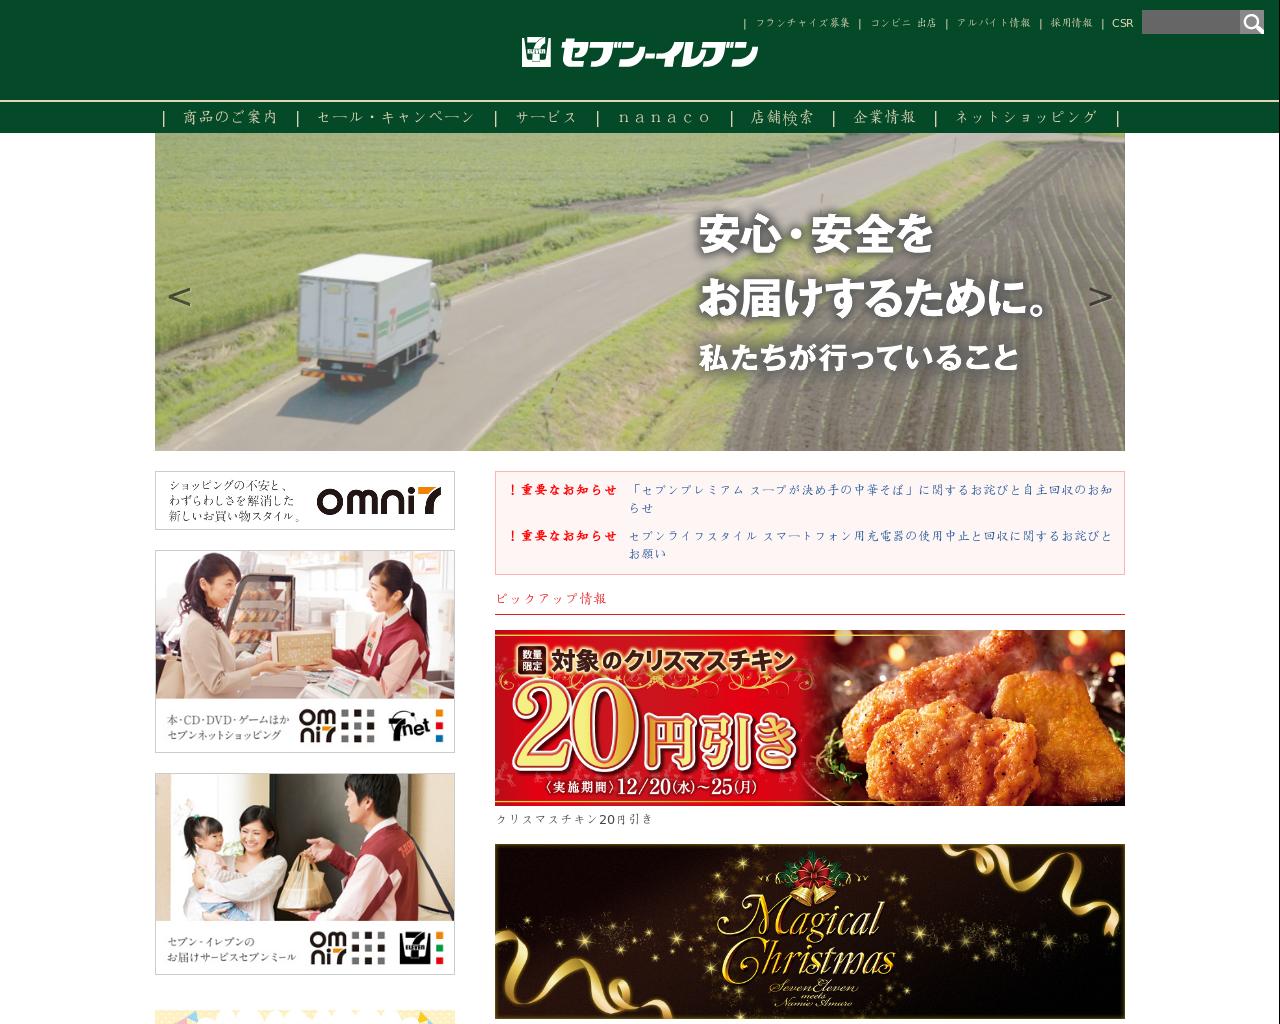 www.sej.co.jp(2017/12/20 10:50:38)